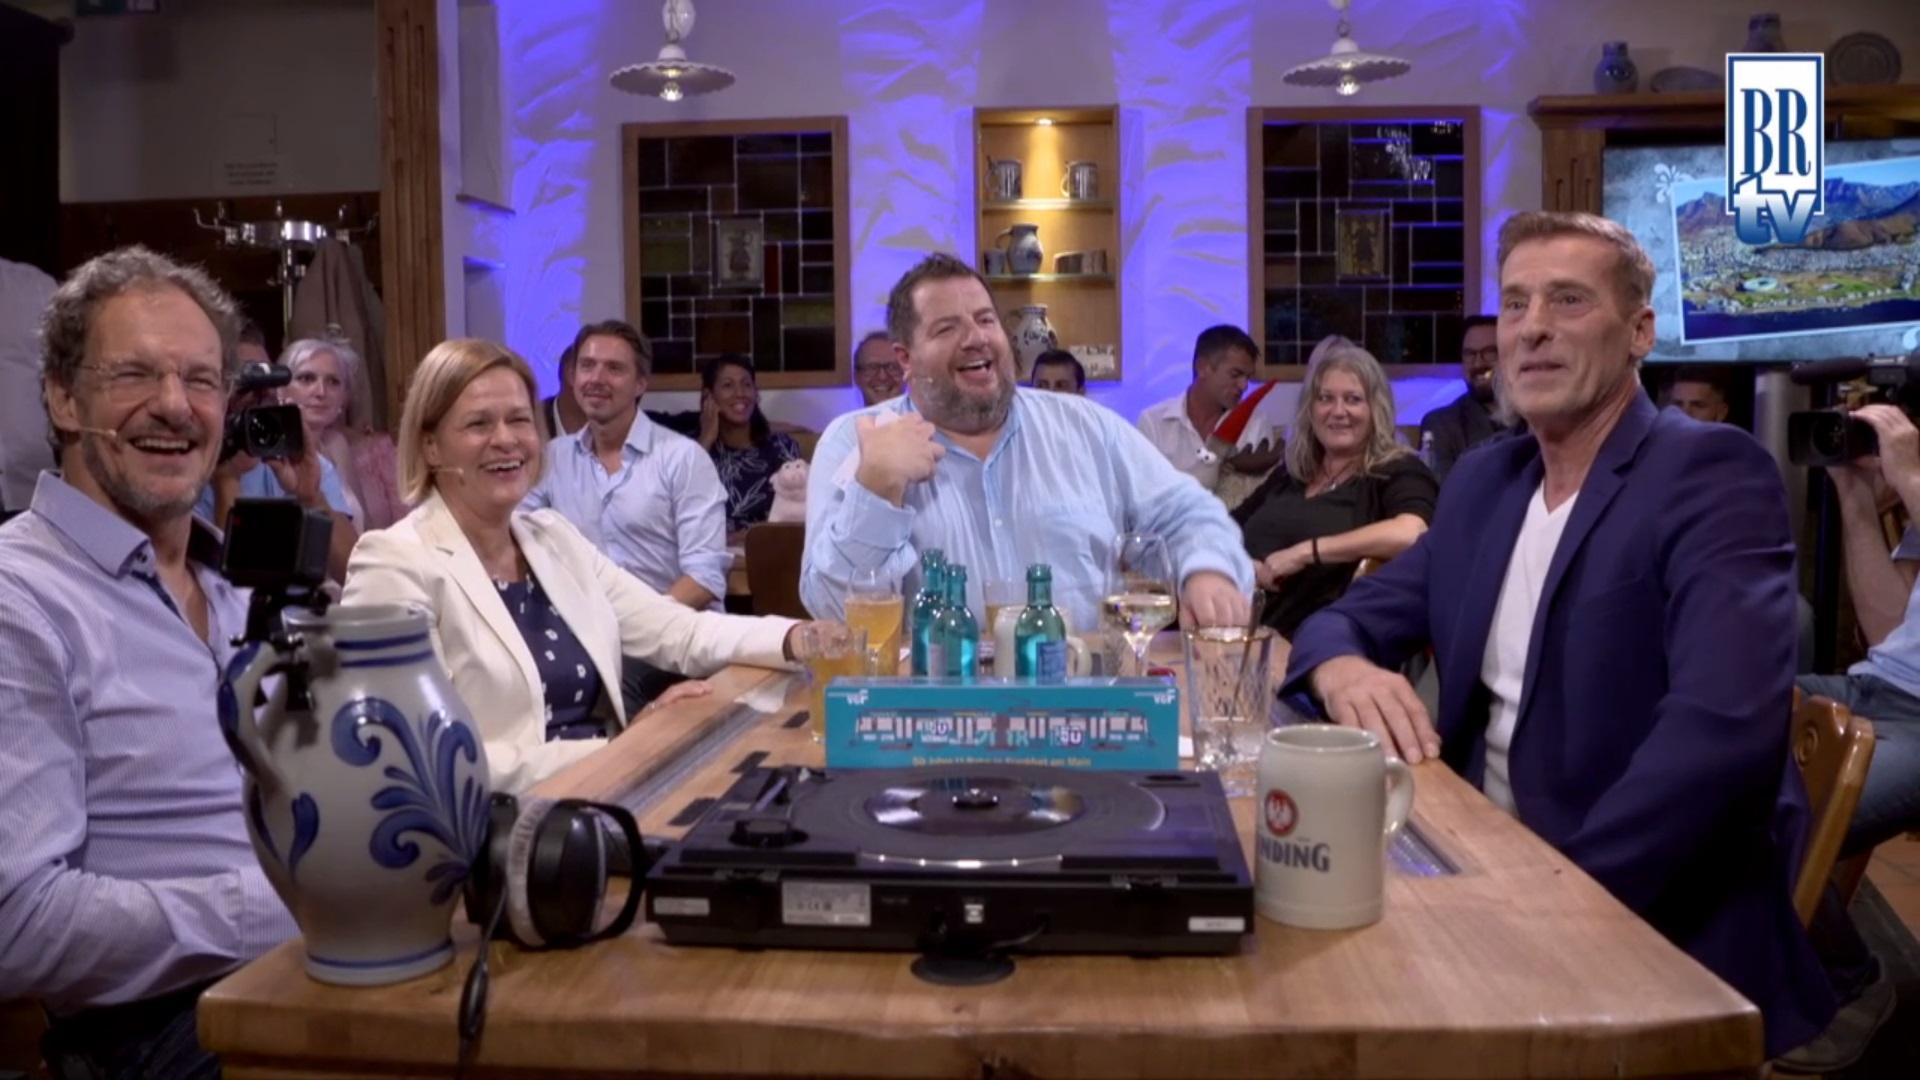 Bembel & Gebabbel – Folge 37 mit Uli Stein, Nancy Faeser & Chin Meyerb